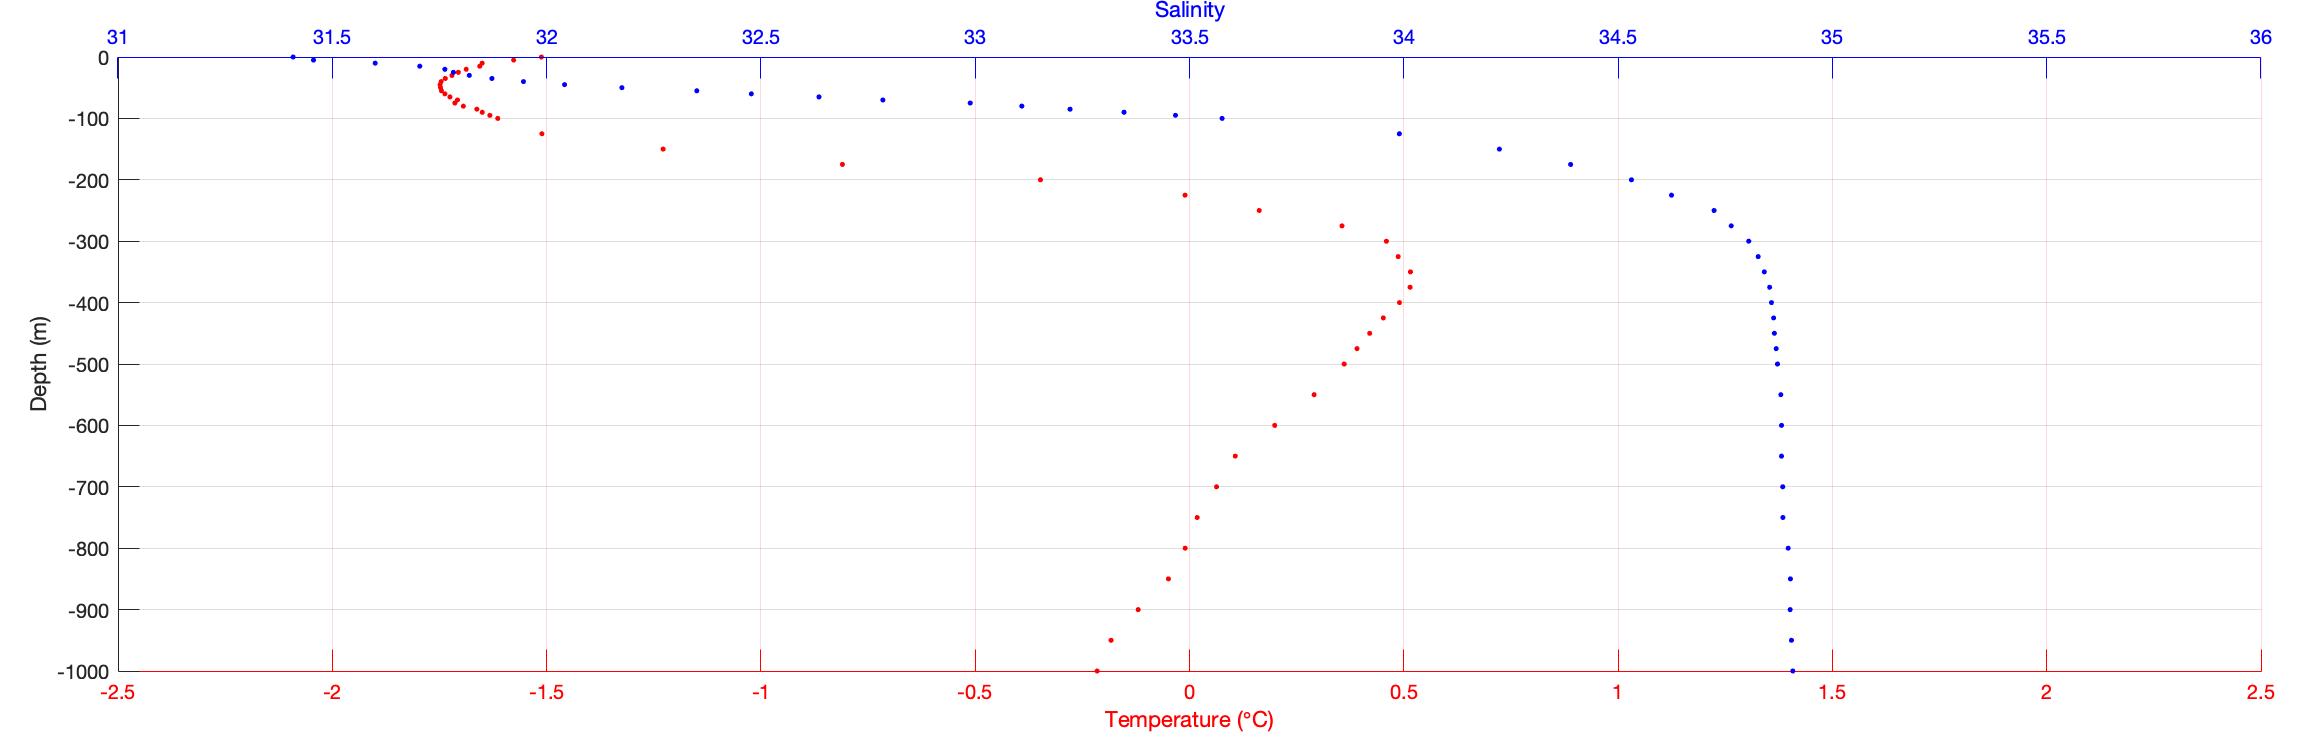 Как построить вертикальные профили солёности и температуры воды на одном графике в MATLAB